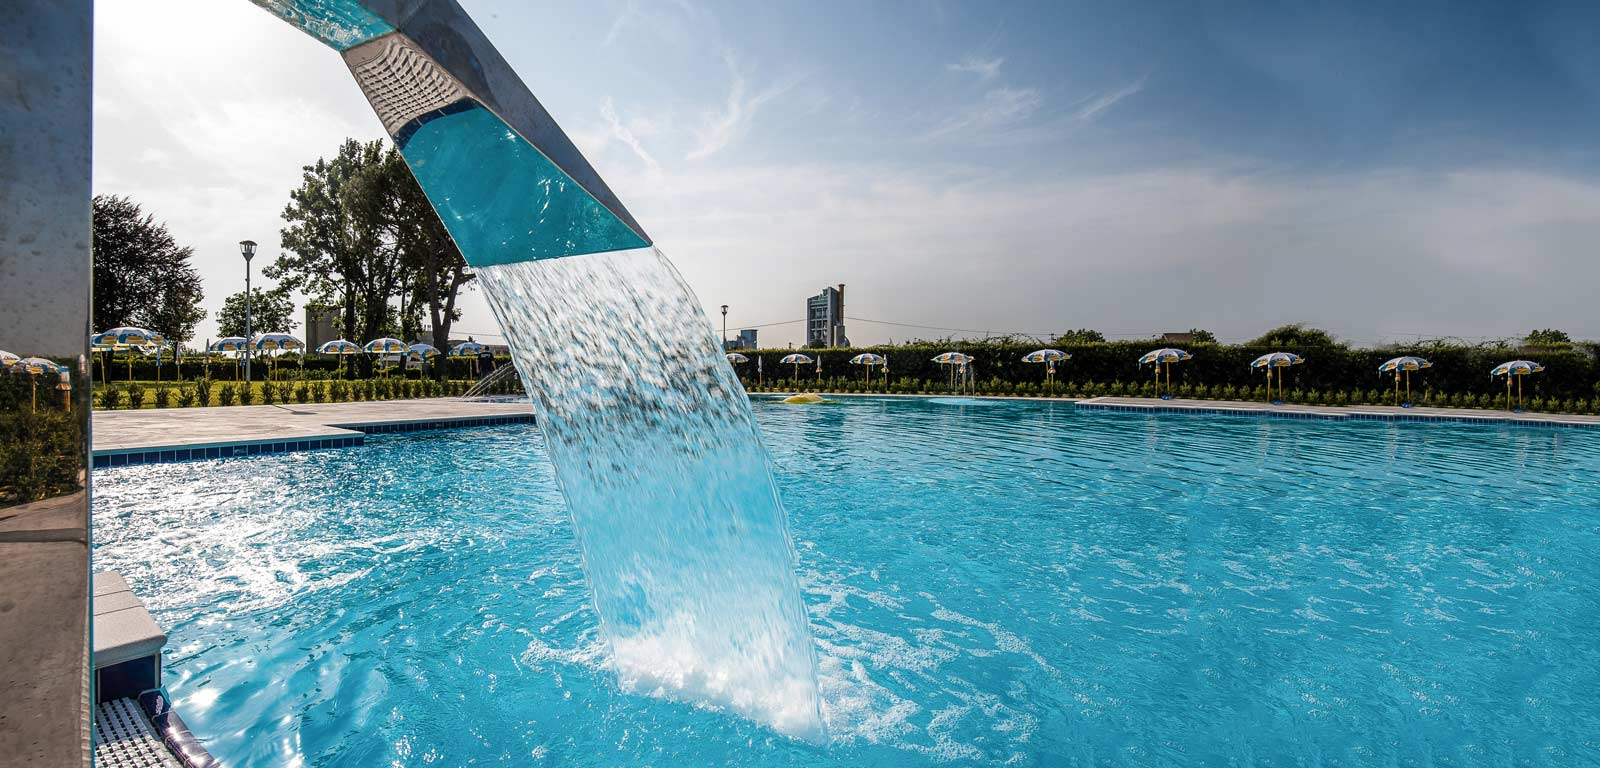 Accessori per piscina hai pensato a tutto piscine castiglione - Fontana per piscina ...